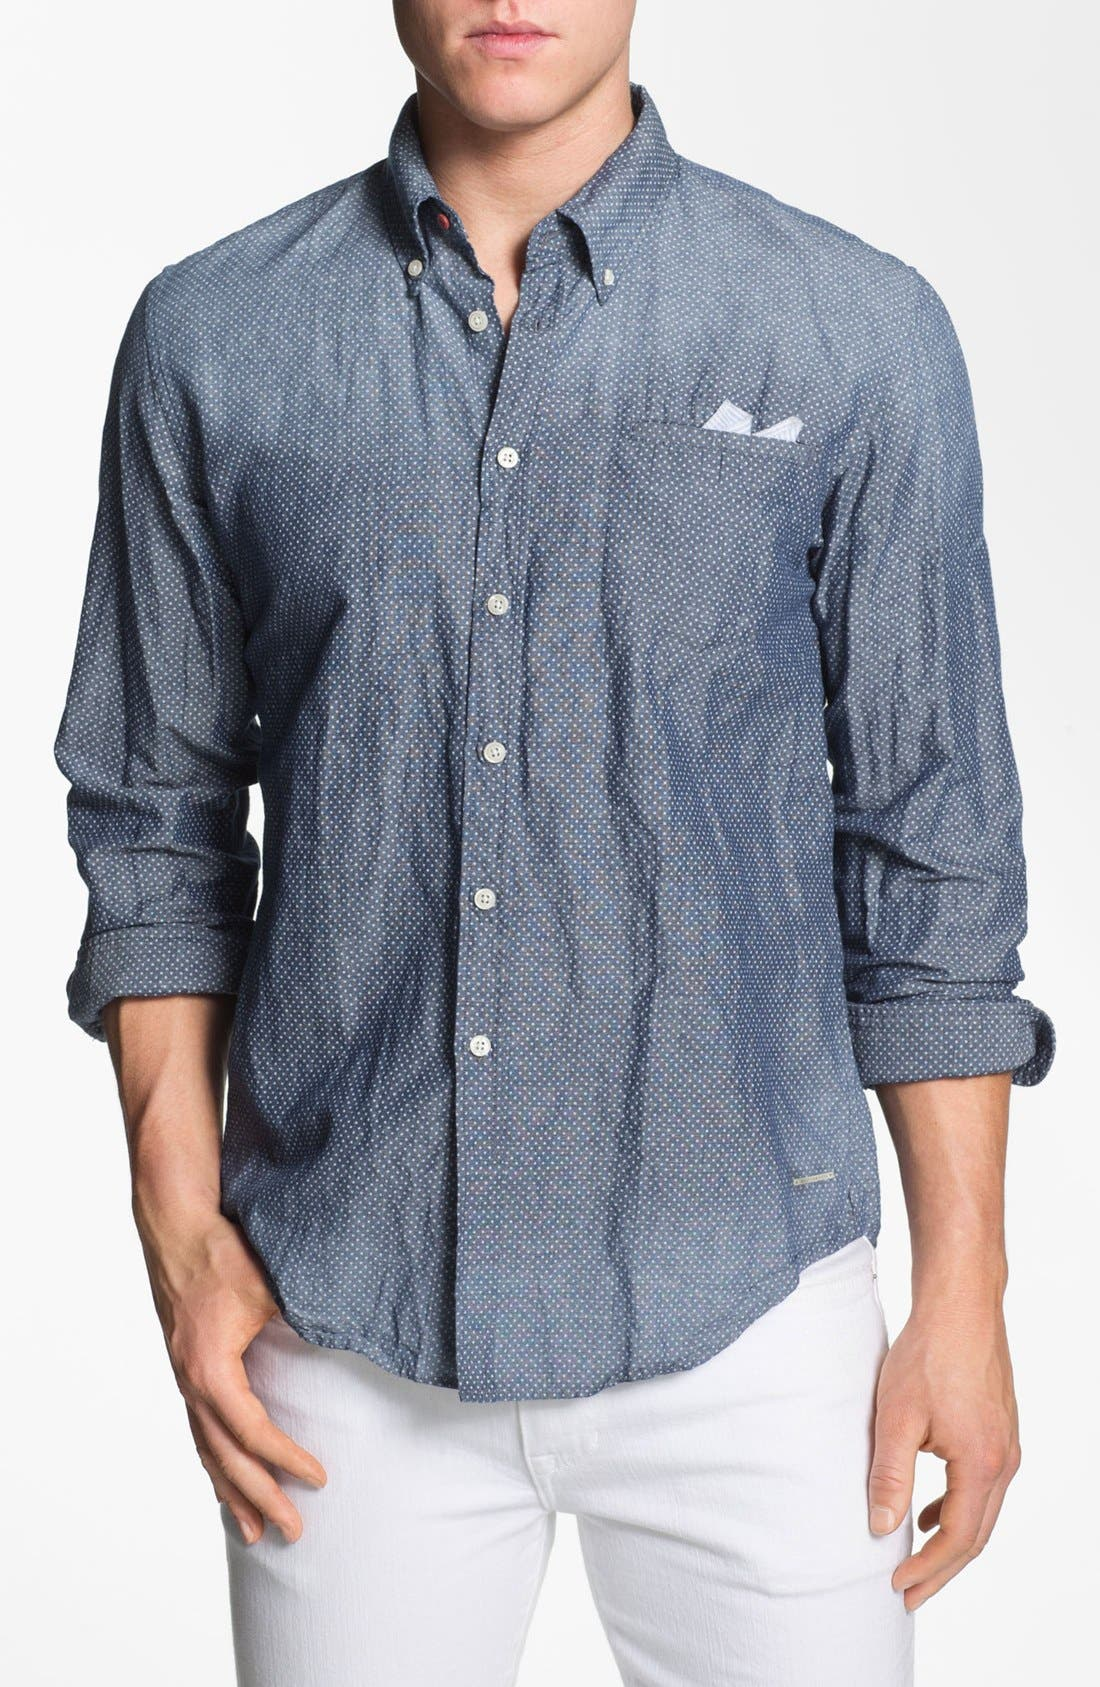 Main Image - Scotch & Soda Trim Fit Chambray Shirt